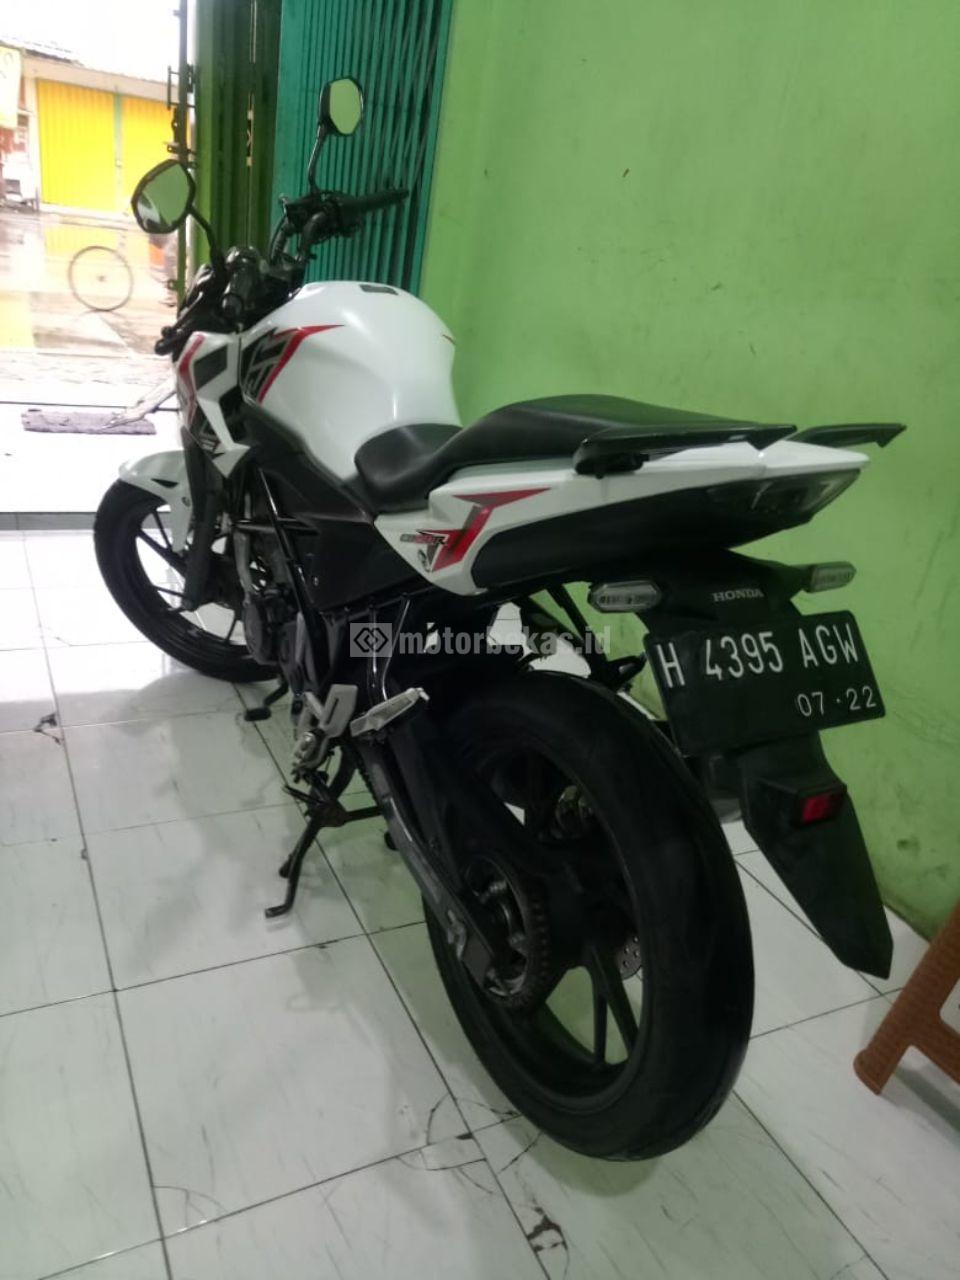 HONDA CB 150R  1106 motorbekas.id